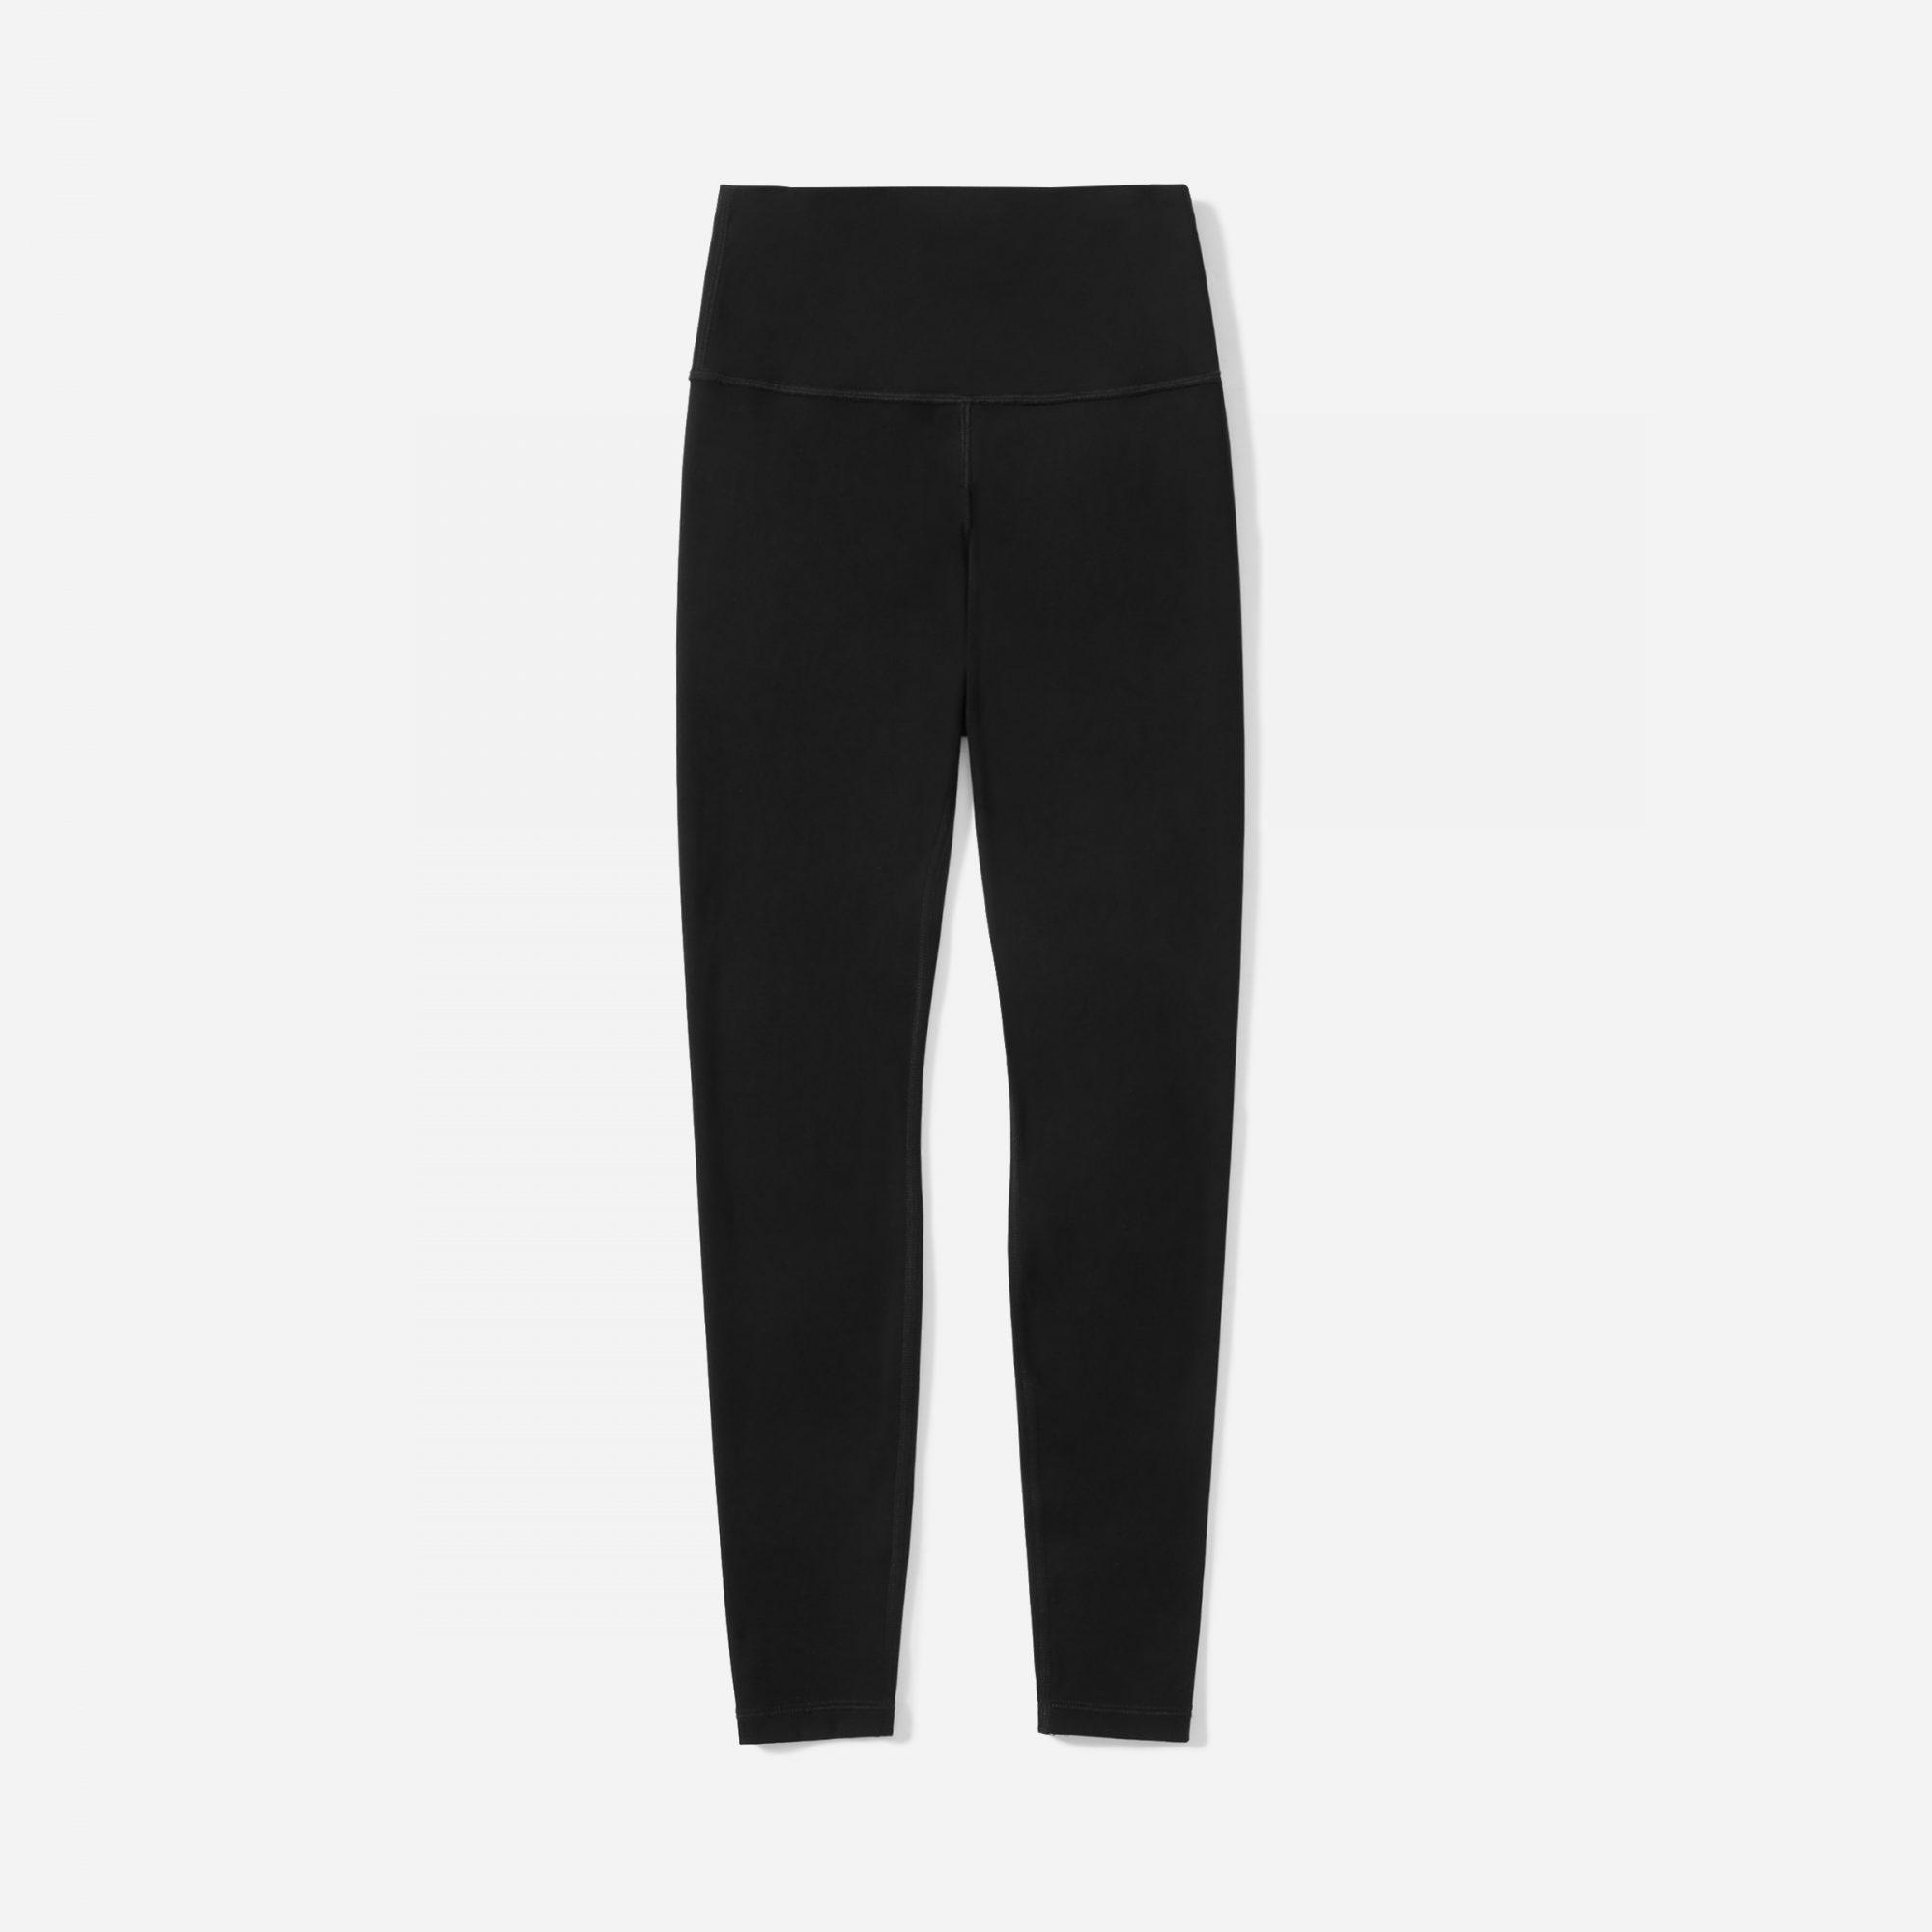 everlane-leggings